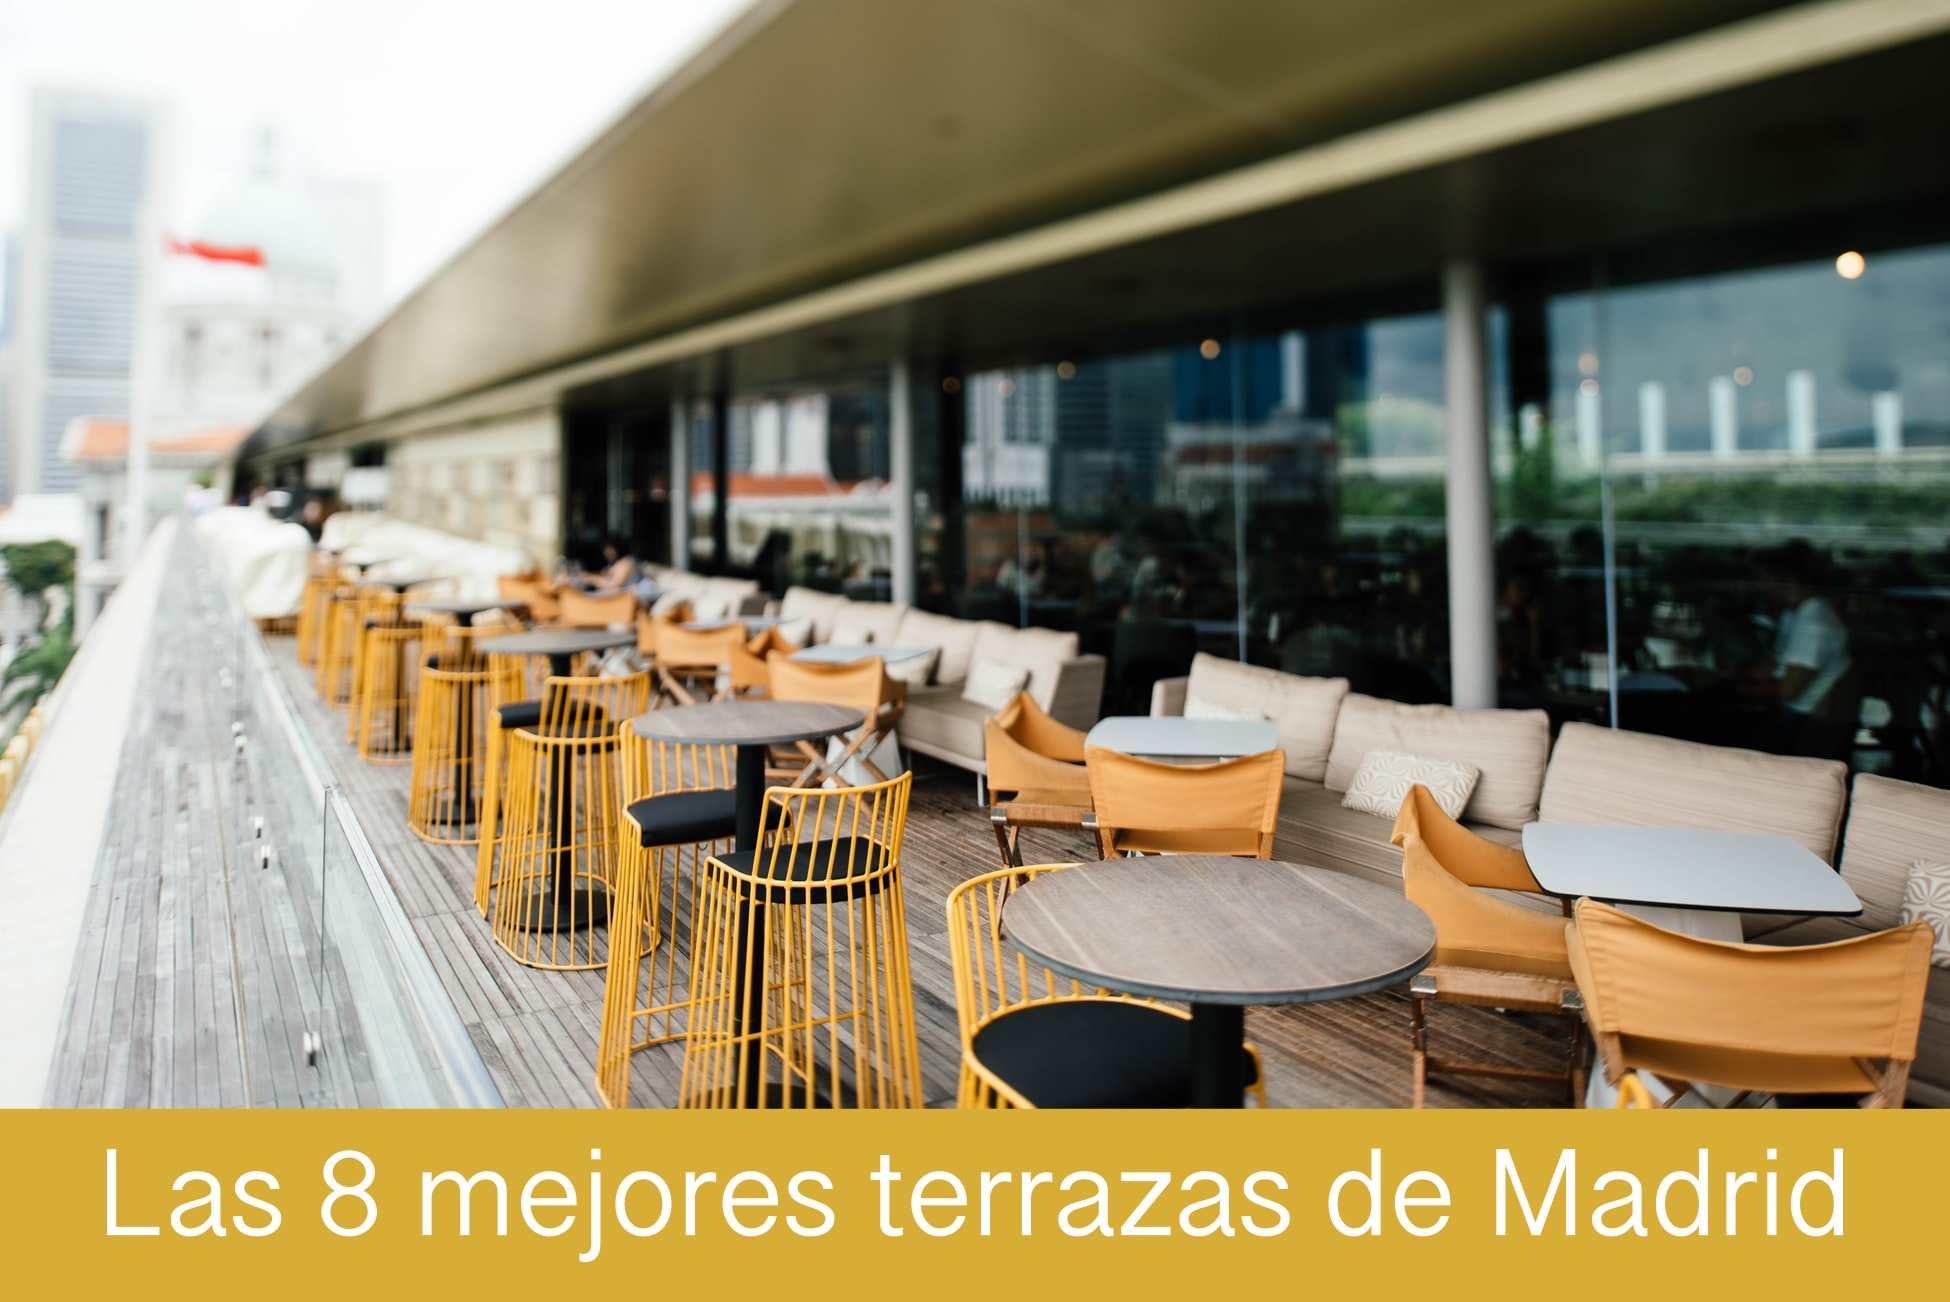 Las 8 mejores terrazas de Madrid